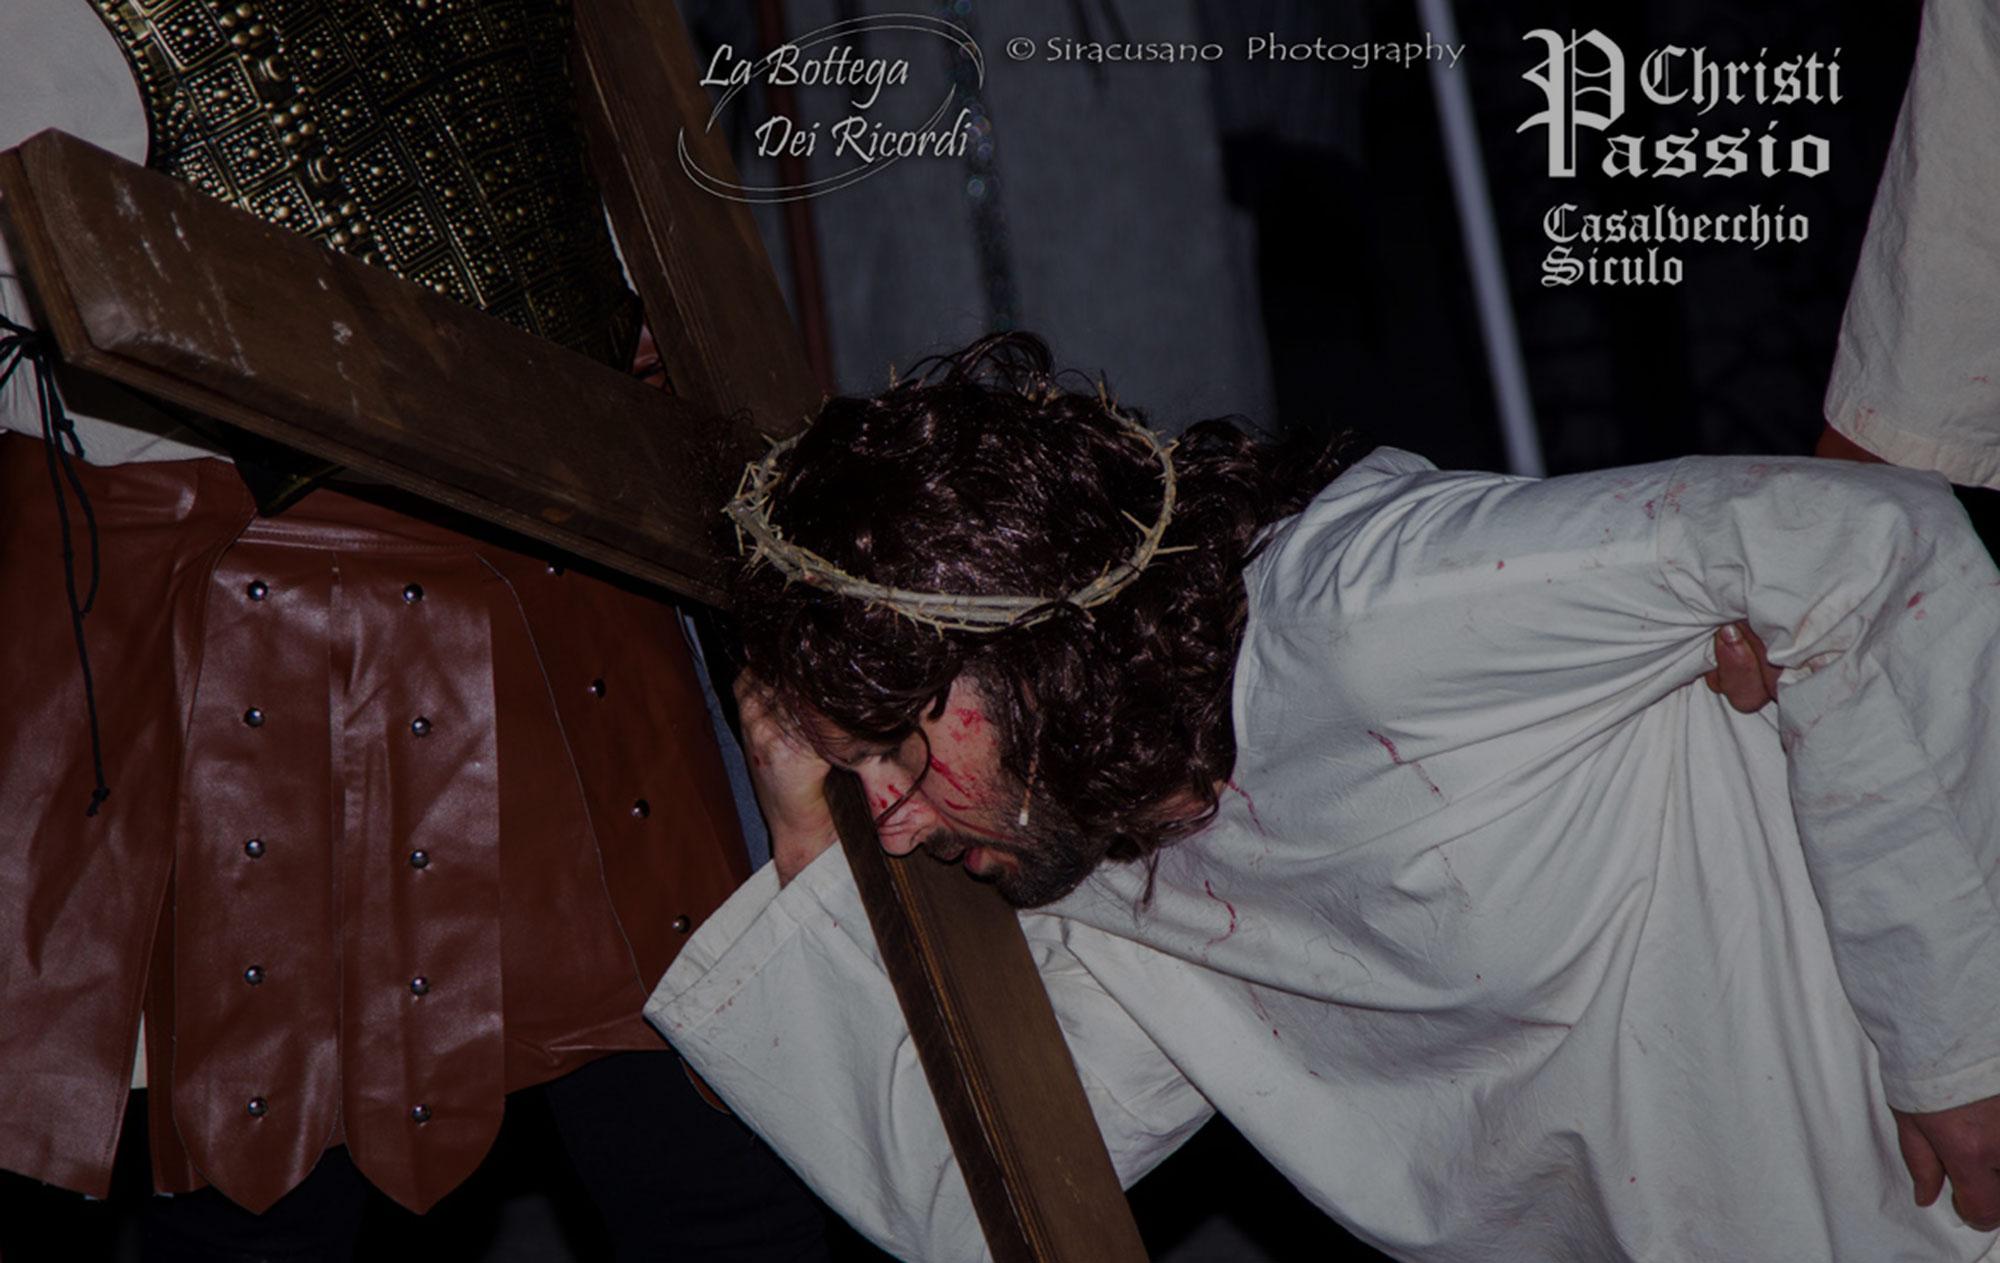 Fotografo Matrimonio La Bottega dei Ricordi Messina - Eventi